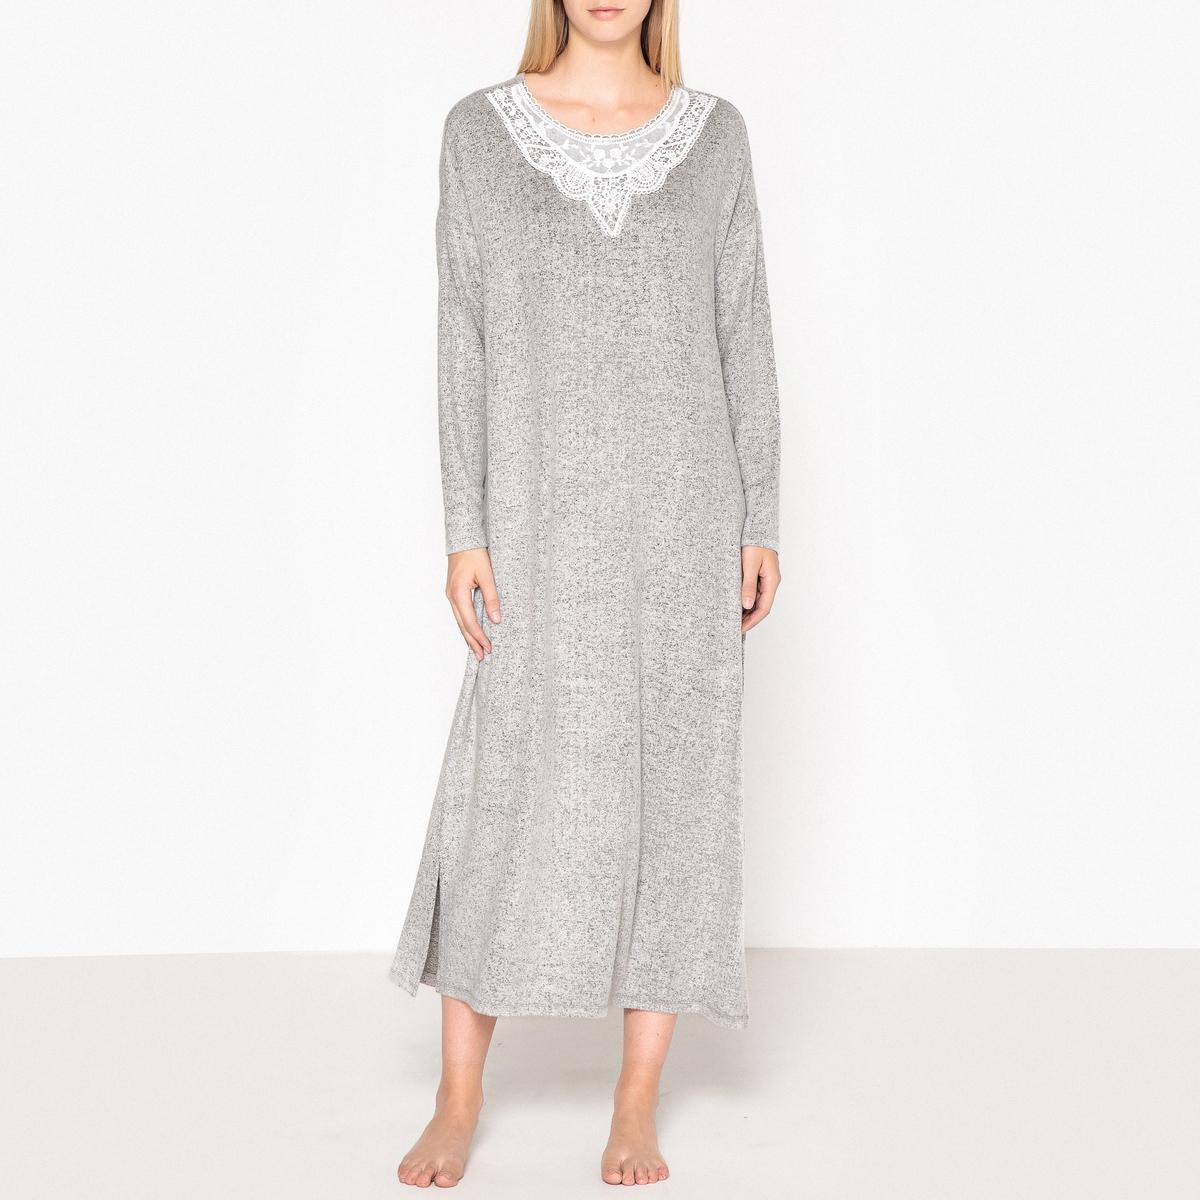 Camisa de dormir, detalhe em renda